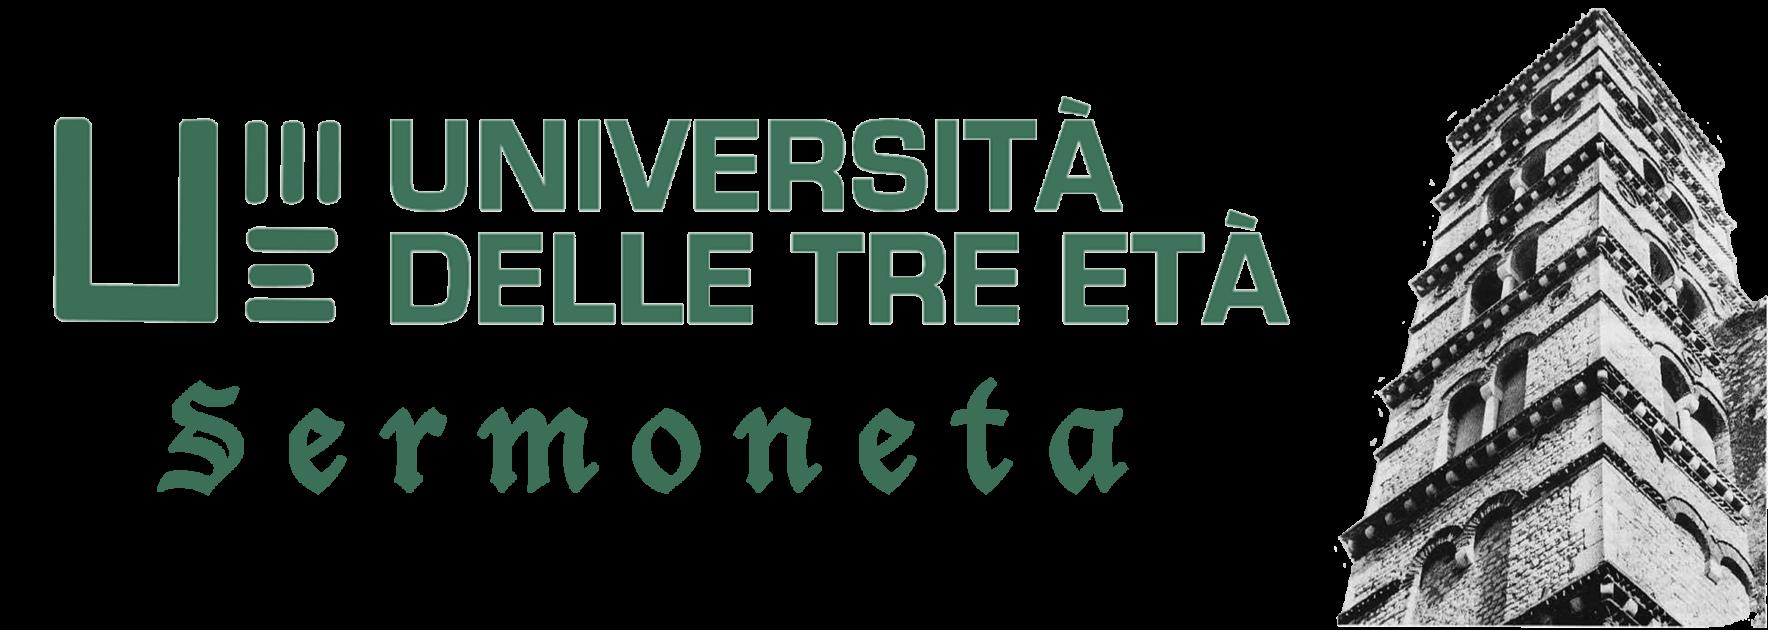 Università delle tre età Logo